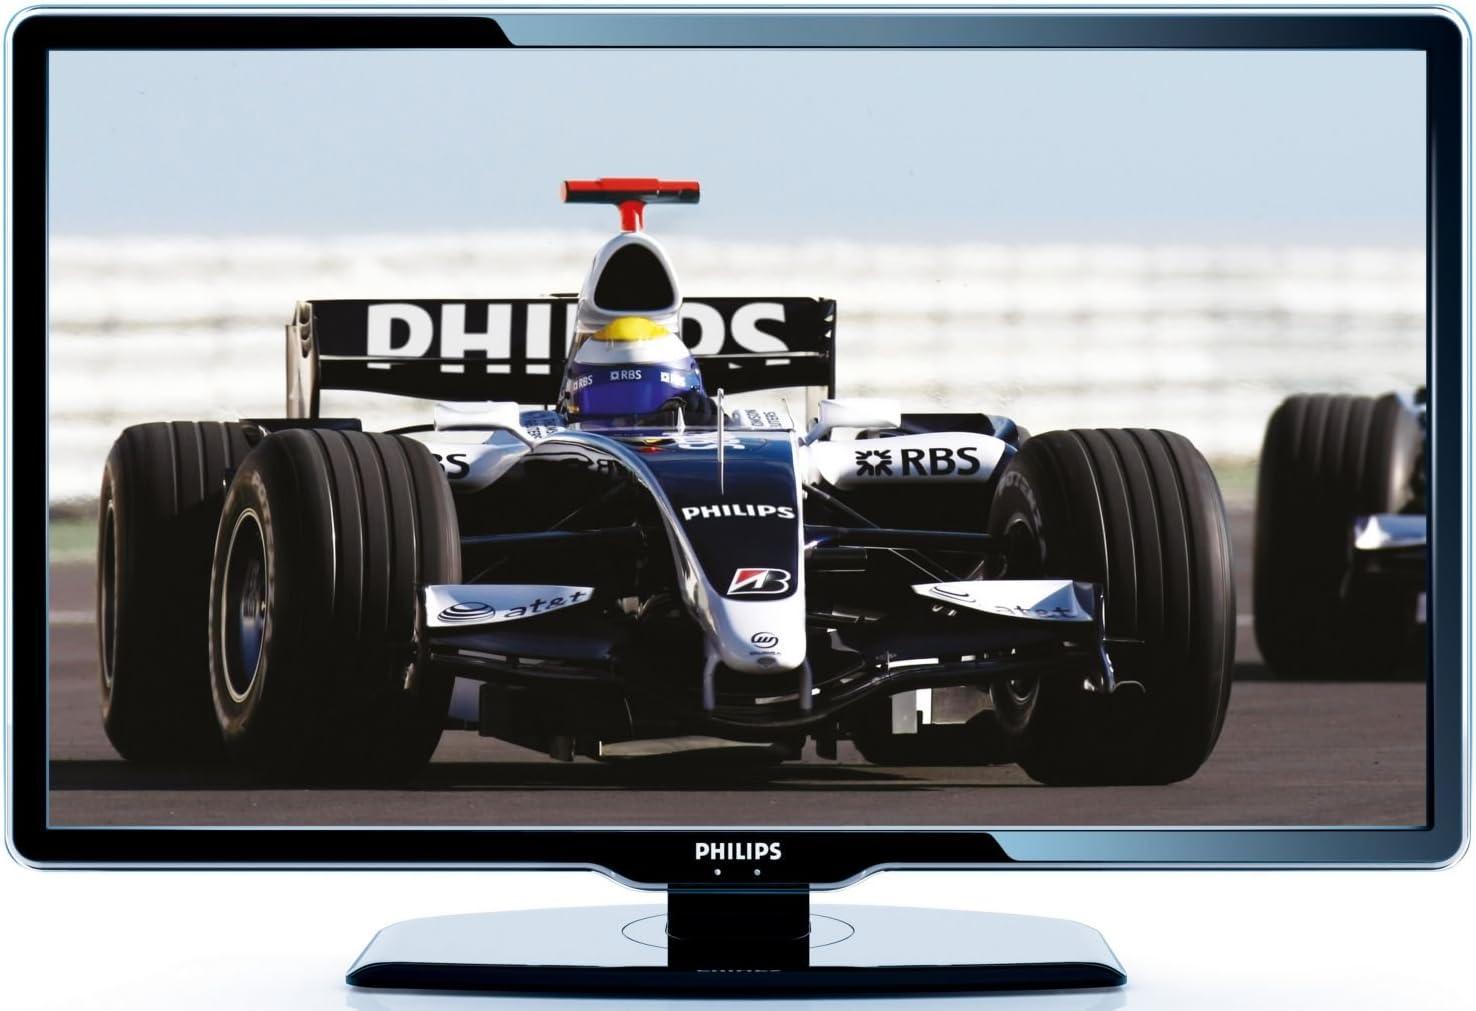 Philips 52PFL7404H- Televisión Full HD, Pantalla LCD 52 pulgadas